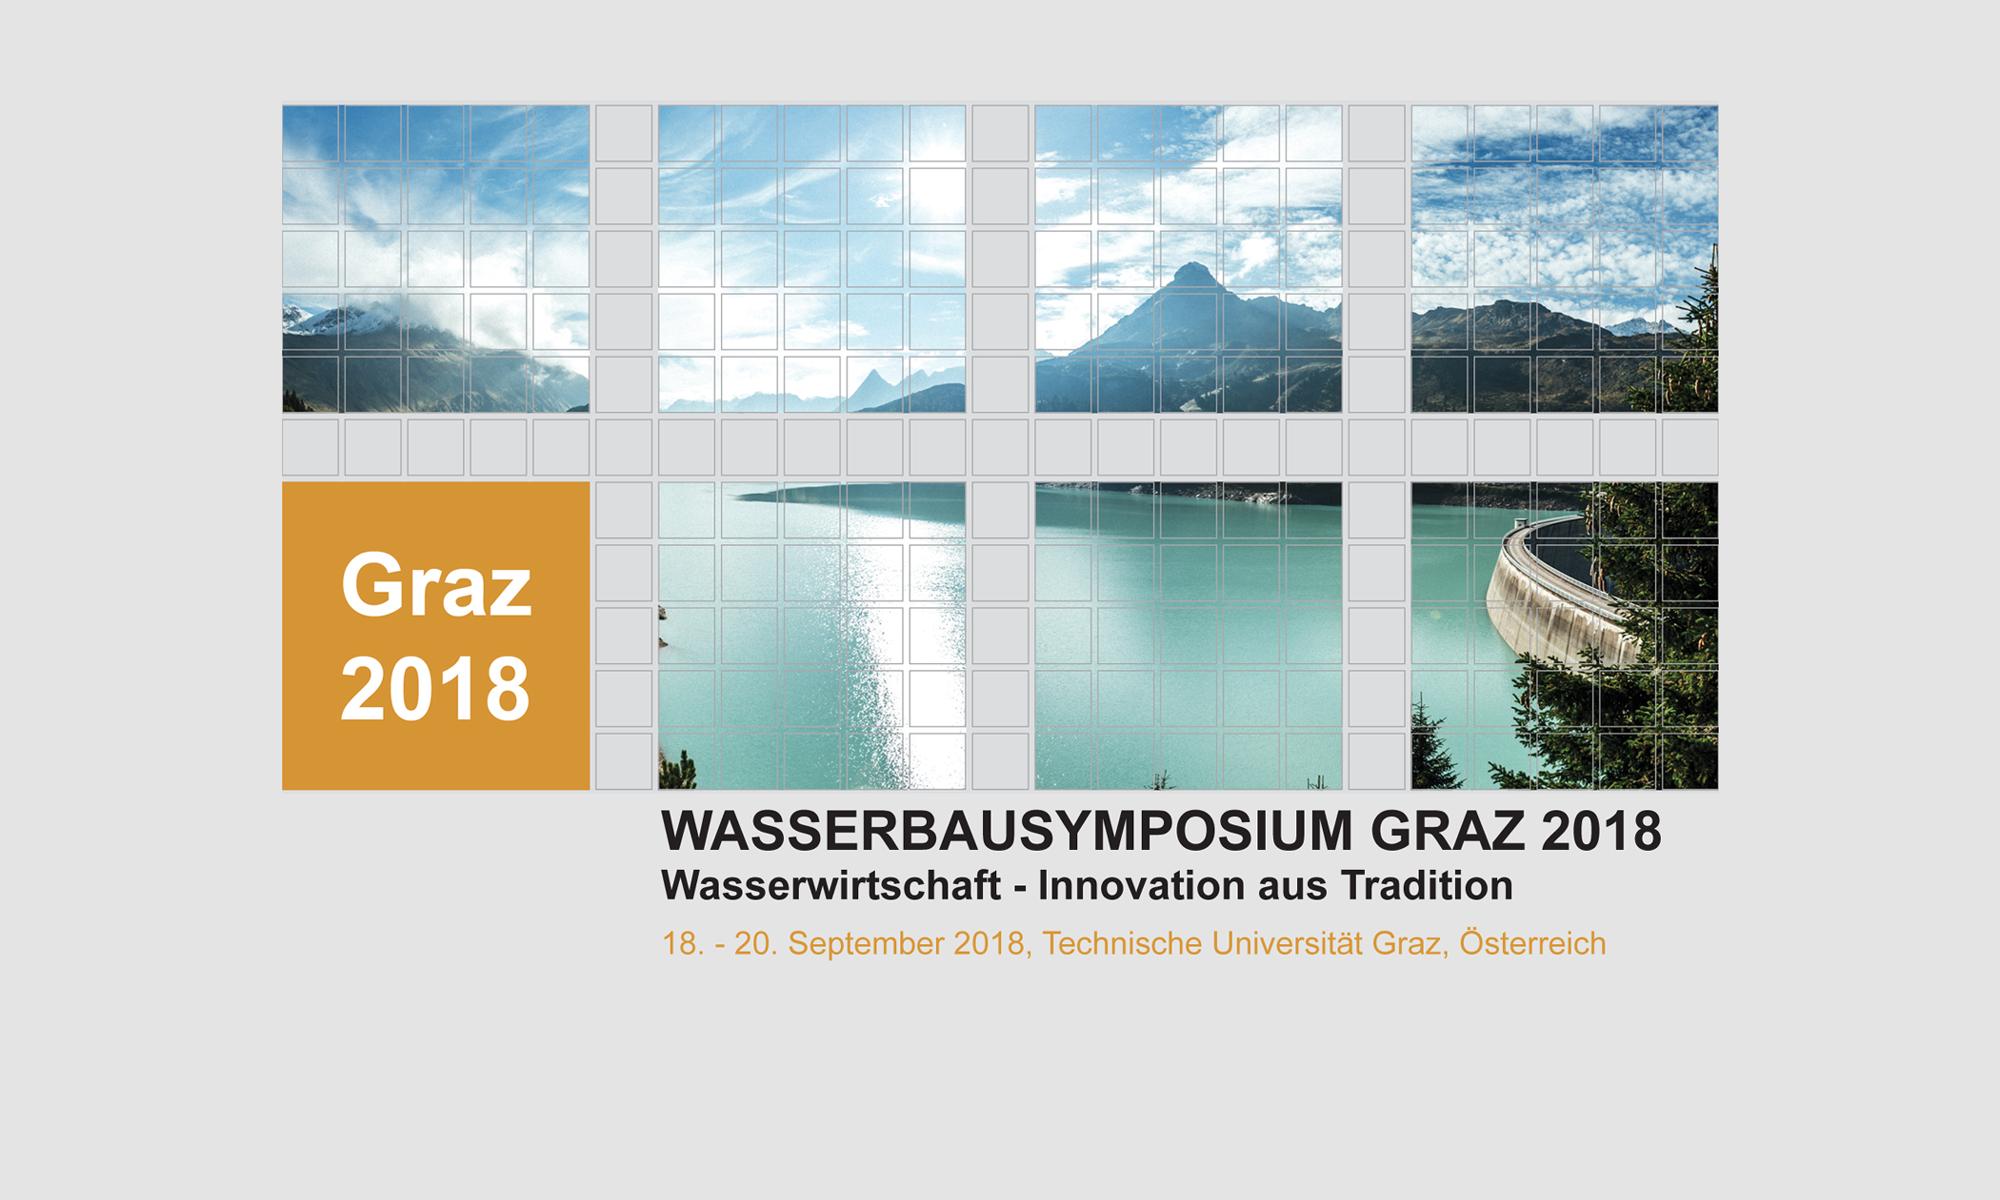 19. WASSERBAU SYMPOSIUM Graz 2018